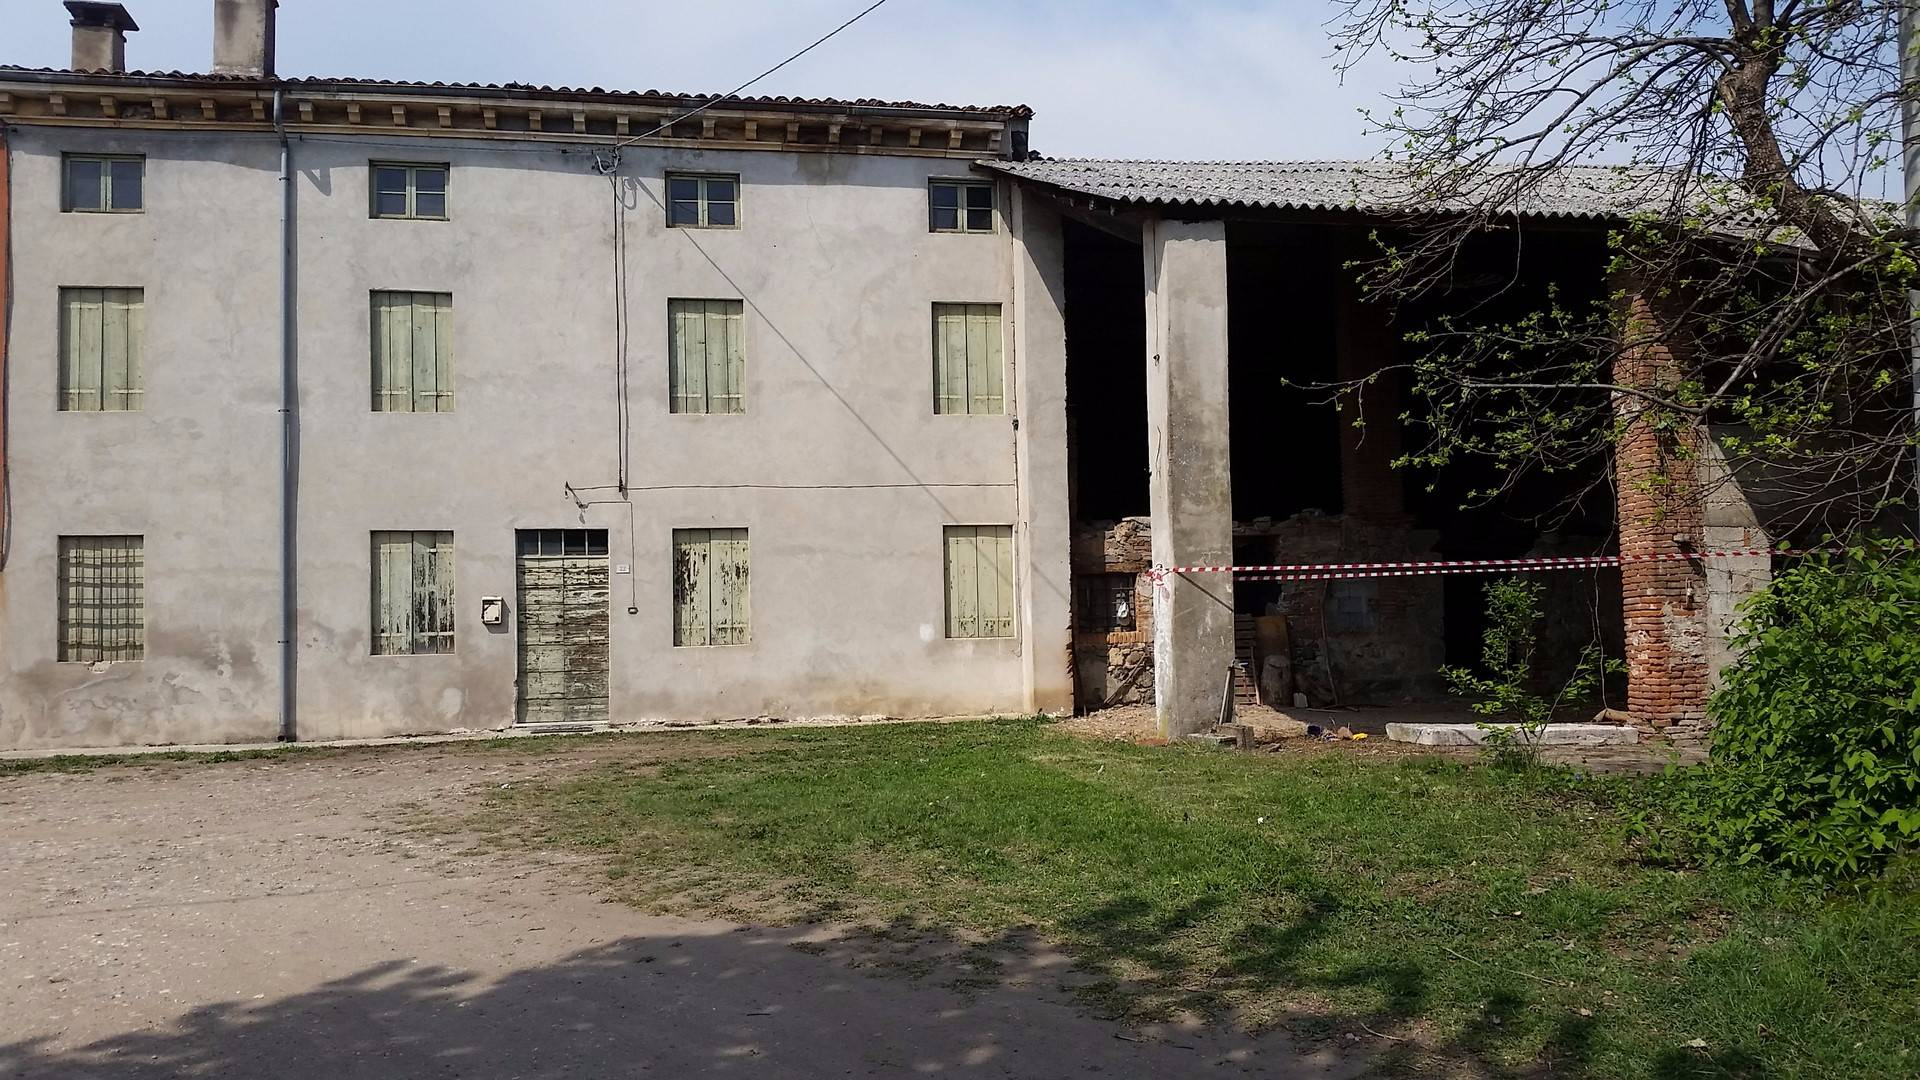 Rustico / Casale in vendita a Gambellara, 14 locali, prezzo € 220.000 | CambioCasa.it